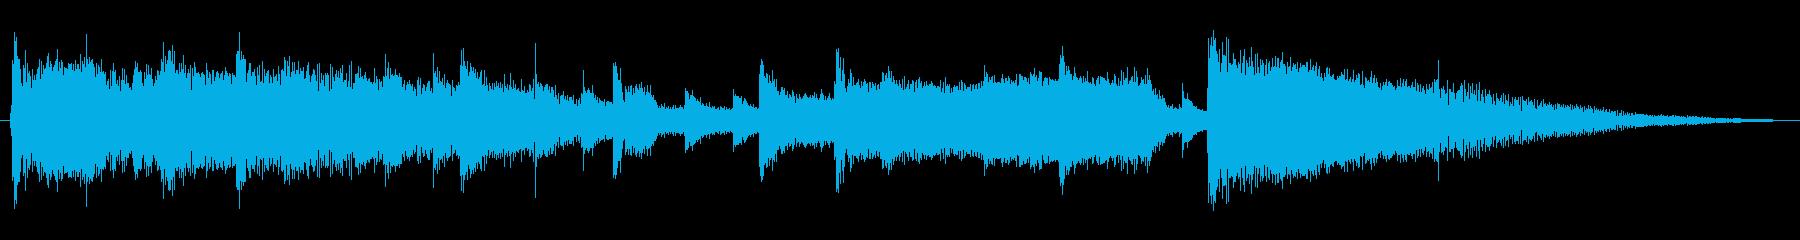 ジングル・リラックスした日常・チルアウトの再生済みの波形